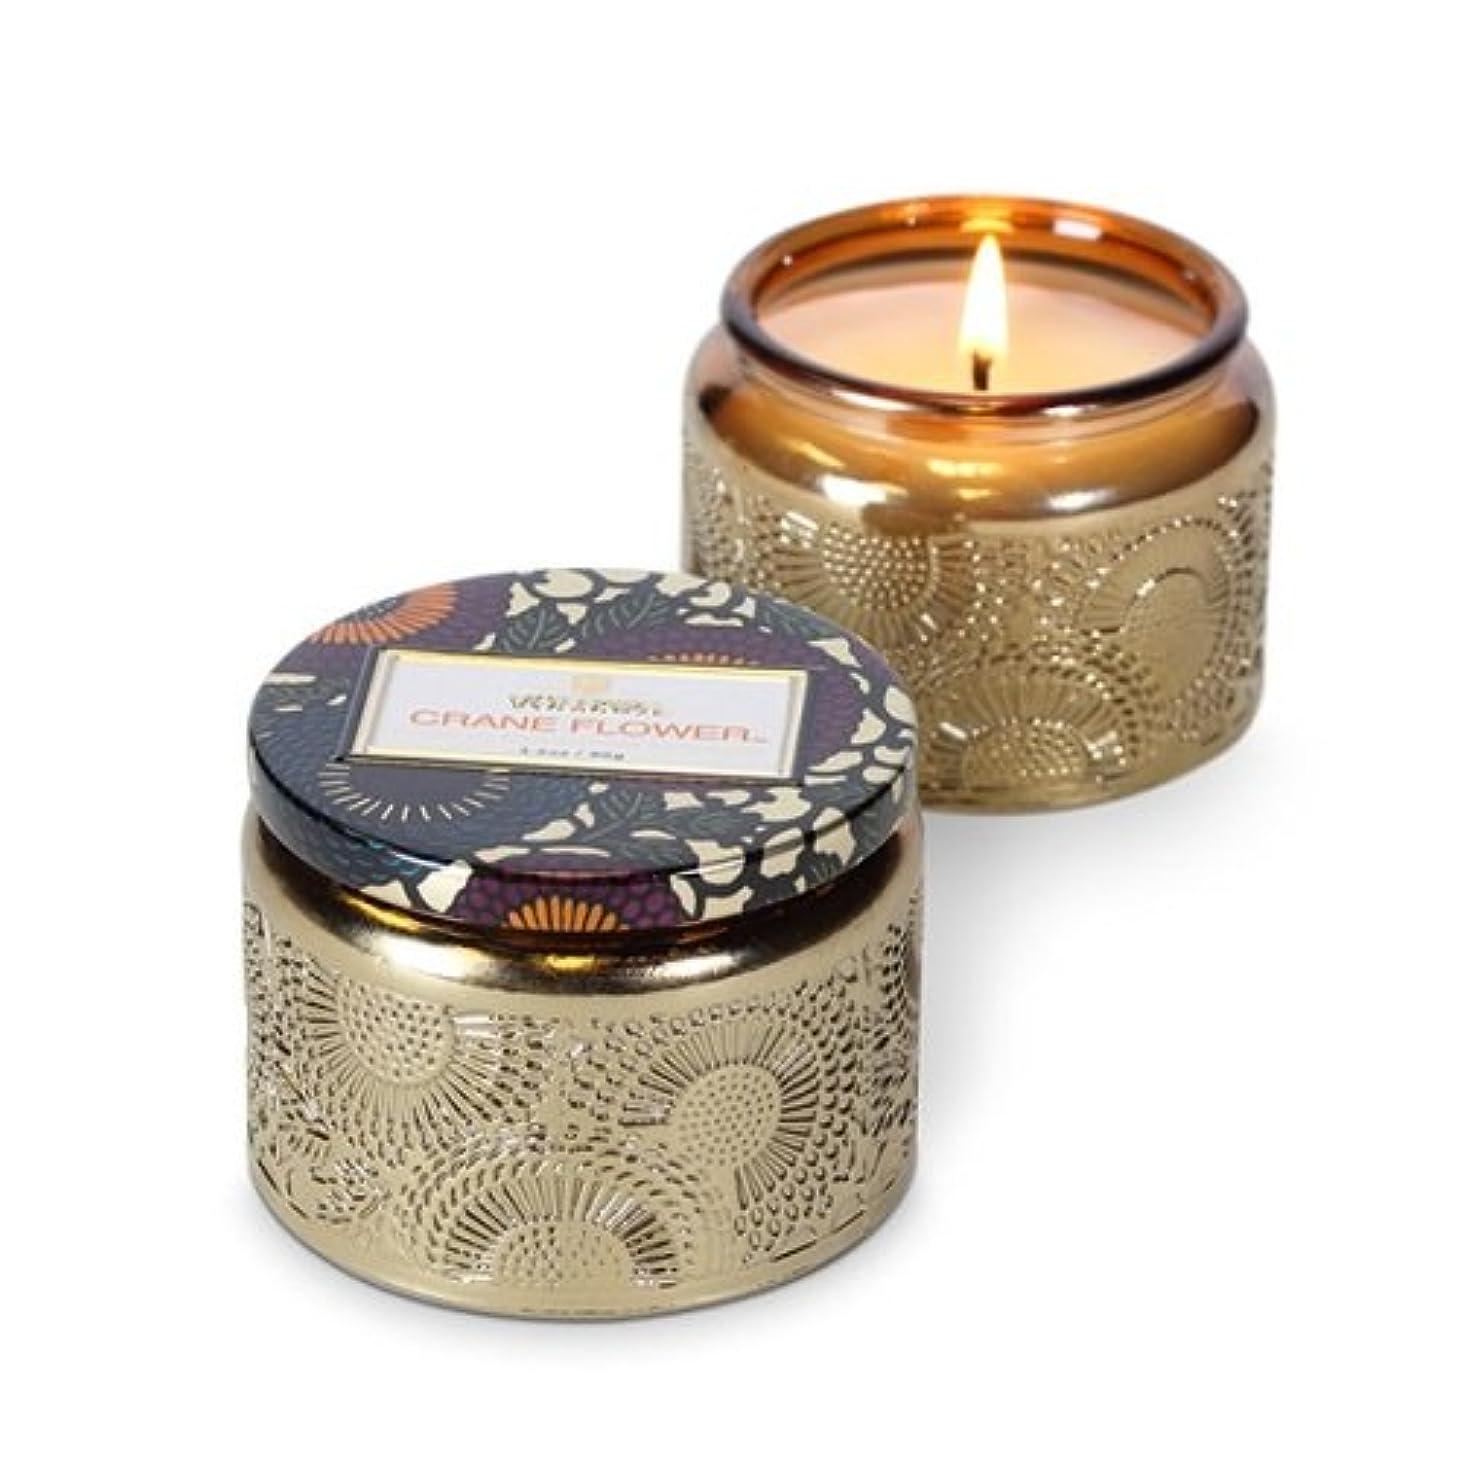 些細なエステート場所Voluspa ボルスパ ジャポニカ グラスジャーキャンドル S クレーンフラワー JAPONICA Glass jar candle CRANE FLOWER